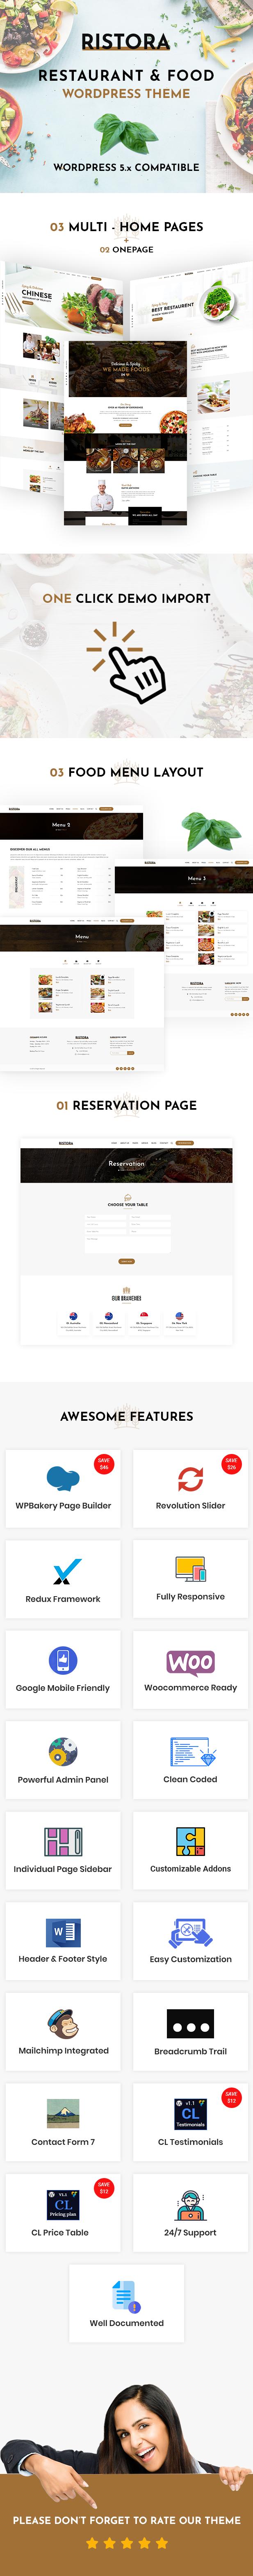 Ristora - WordPress-Layout für Restaurants und Essen